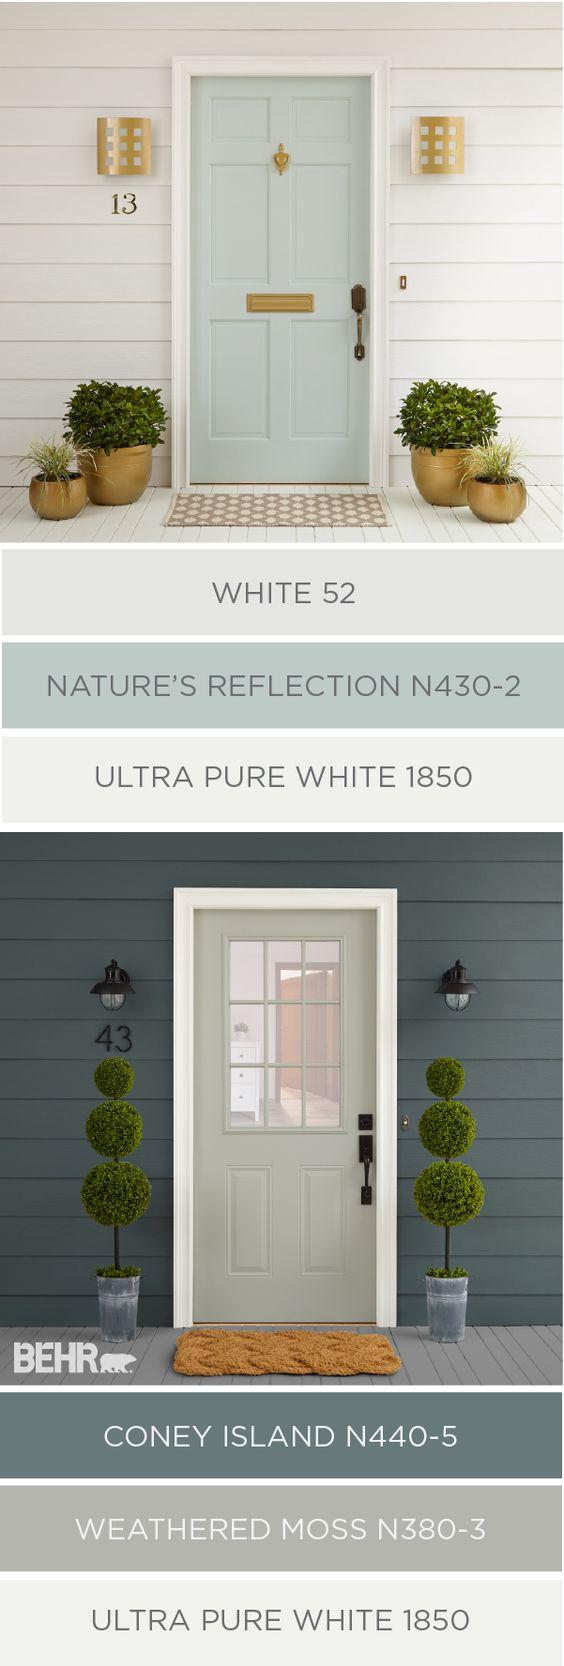 Exterior Color Palette By Behr Favorite Paint Colors Blog